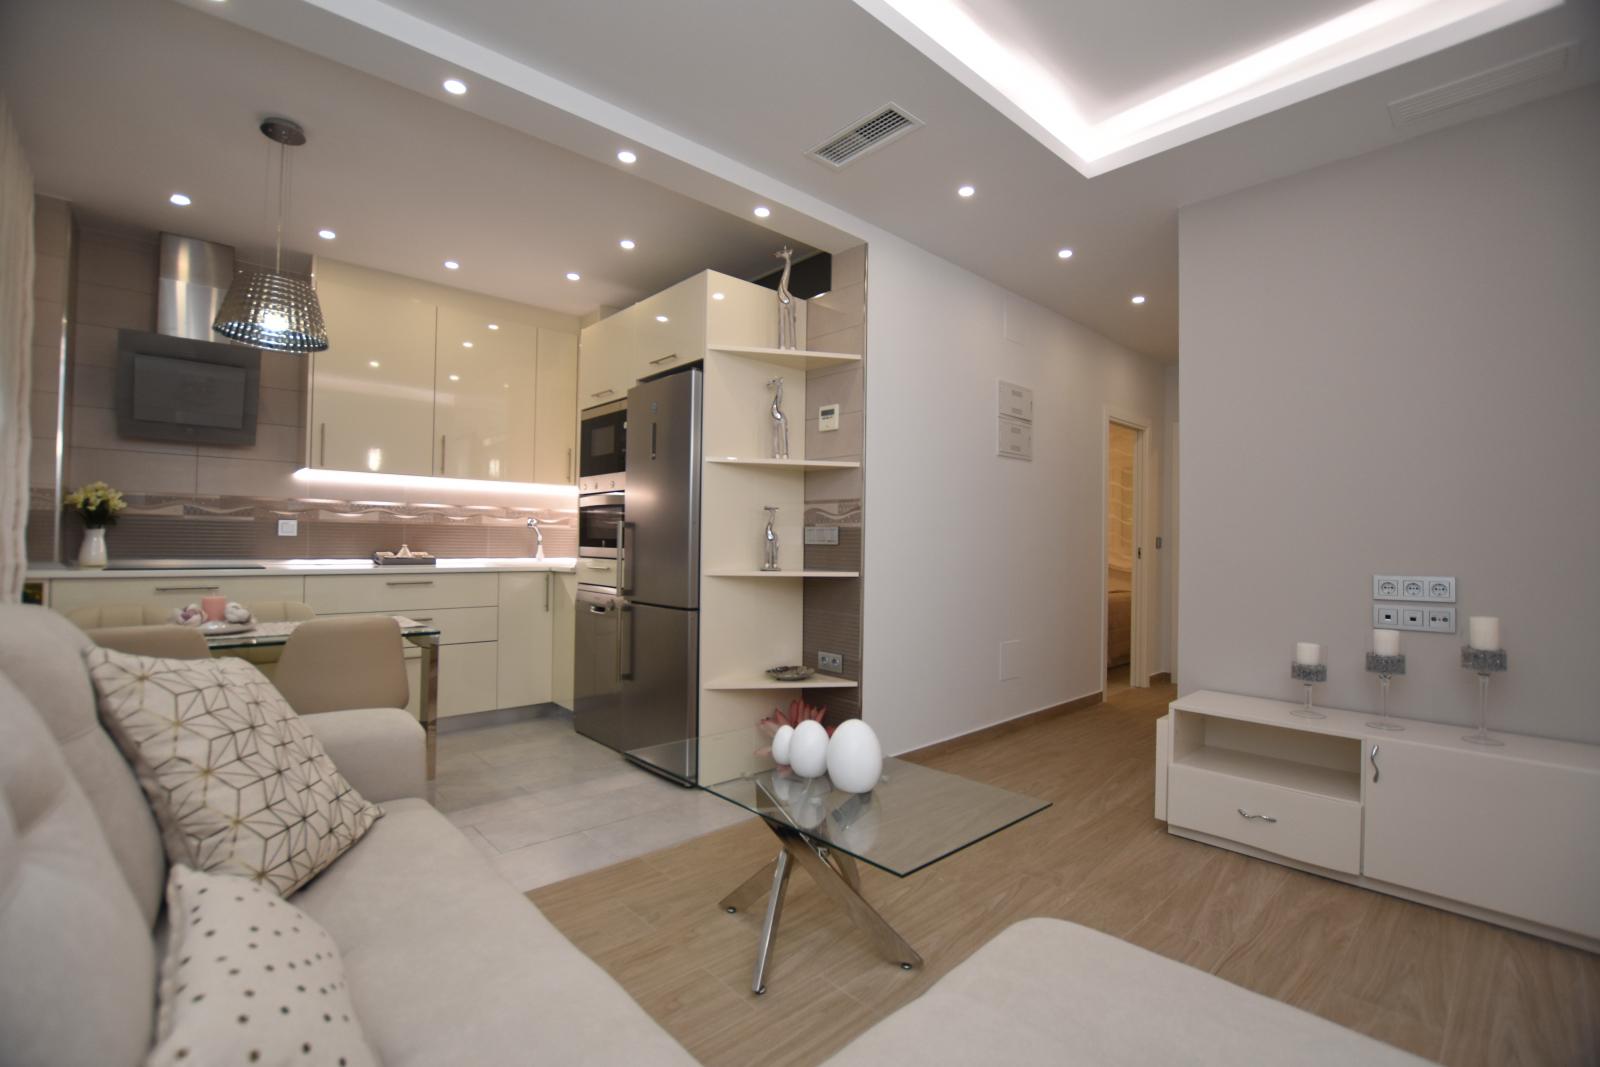 Prachtig modern gerenoveerd appartement te koop in centrum torrevieja